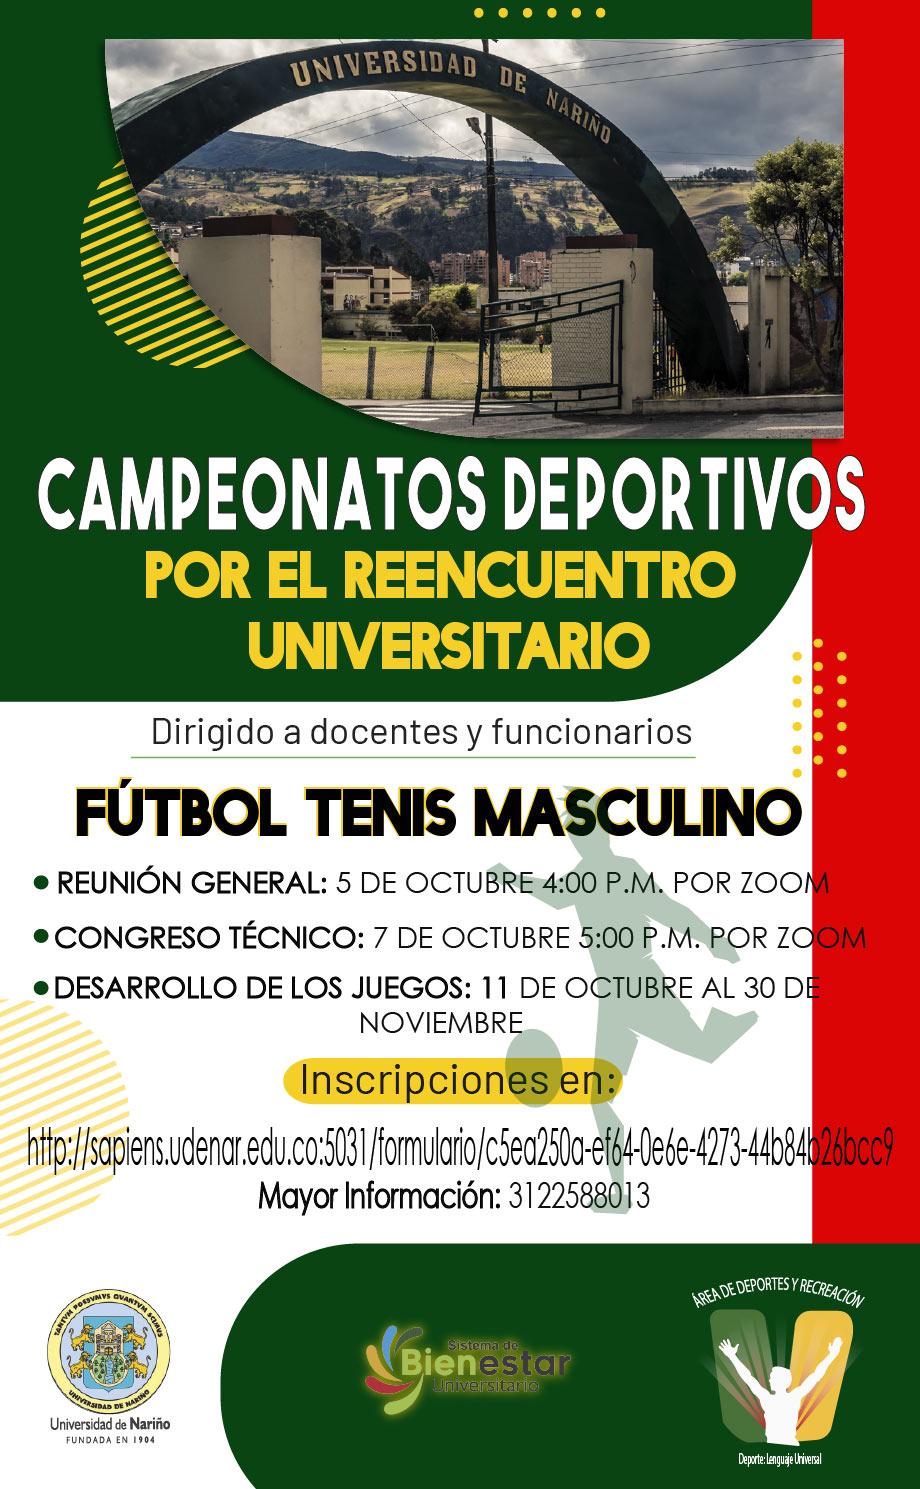 Reencuentro-Universitario-FutbolTenis